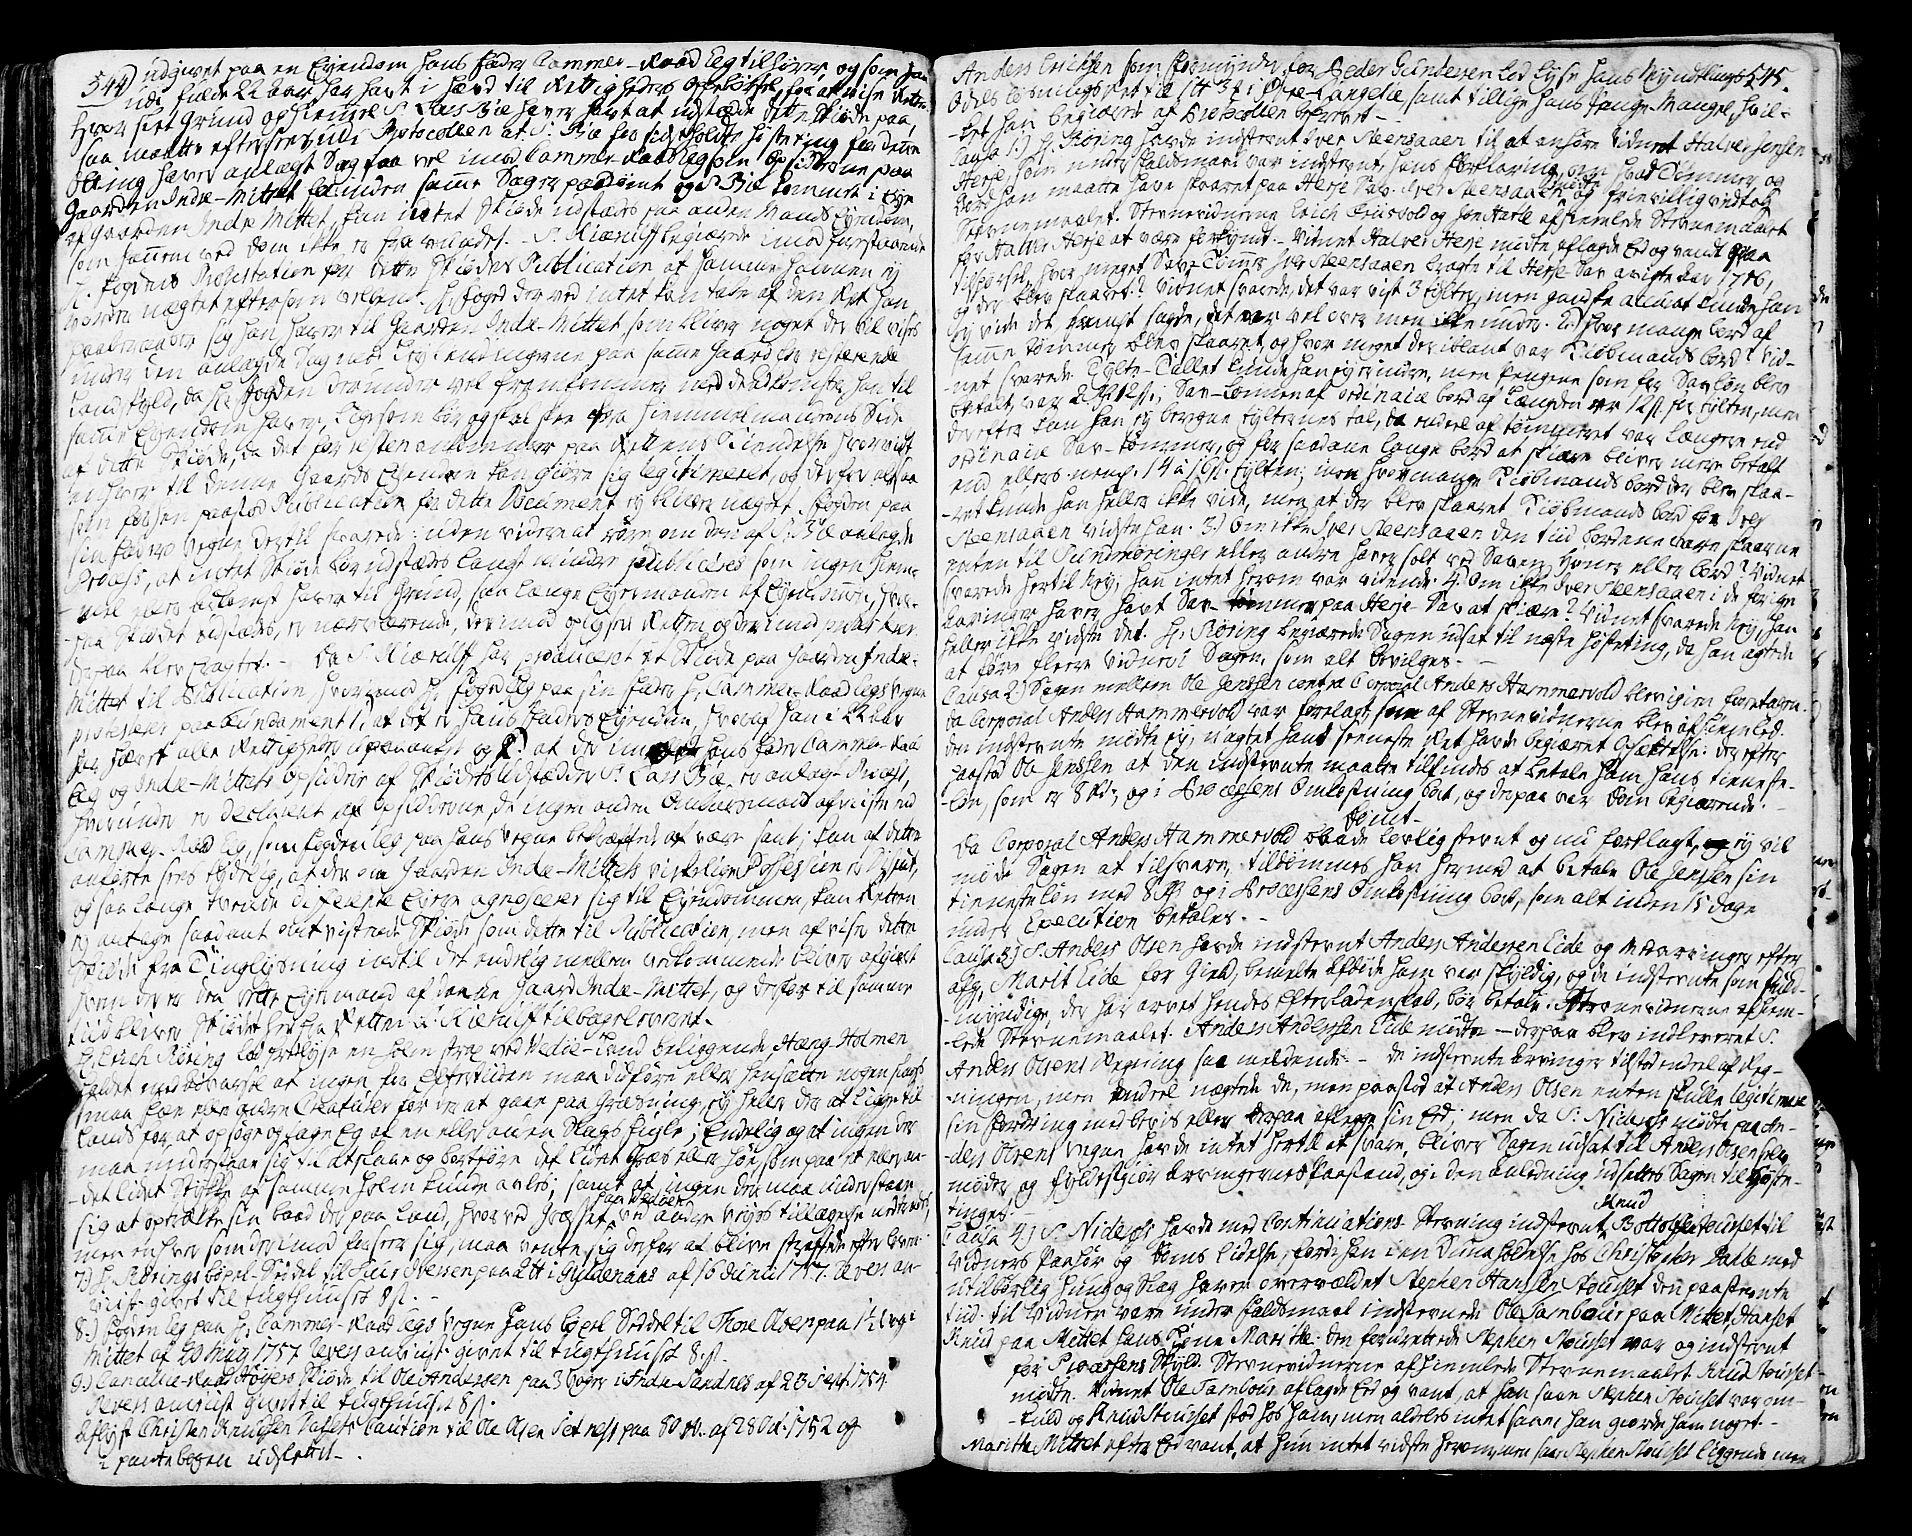 SAT, Romsdal sorenskriveri, 1/1A/L0013: Tingbok, 1749-1757, s. 544-545